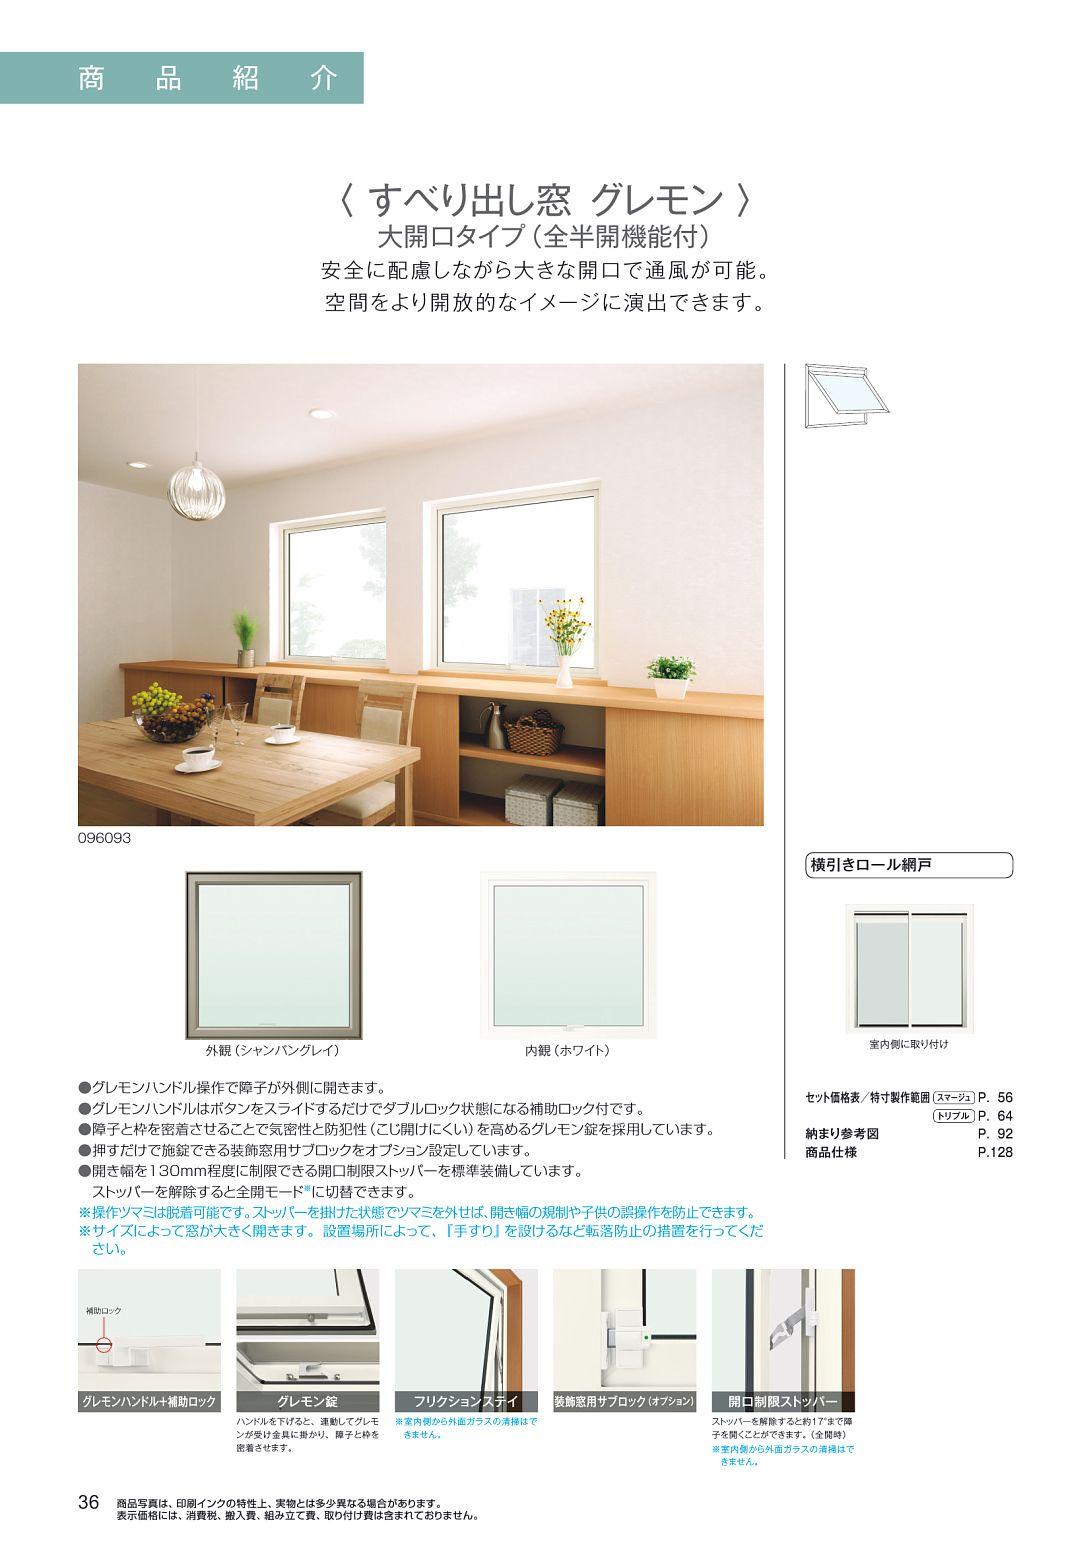 断熱樹脂窓 スマージュ トリプルスマージュ 樹脂スペーサー仕様 カタログ カタログビュー 2021 スペーサー 窓 断熱